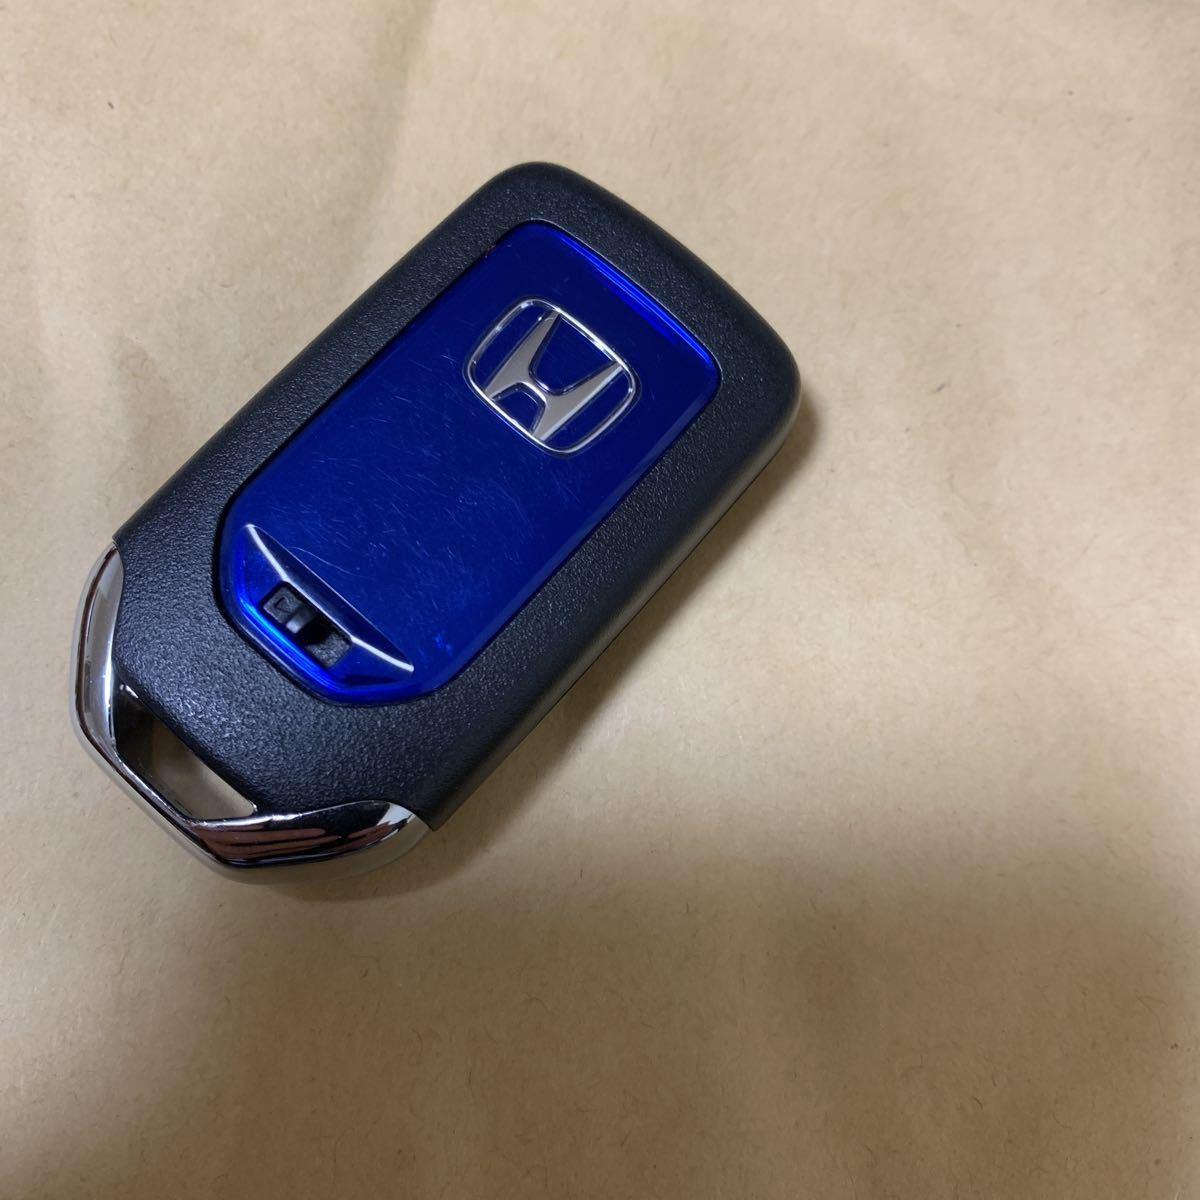 送料無料☆ホンダ 純正ステップワゴンスパーダ ハイブリッド4ボタン スマートキー 両側パワースライド 基盤番号TAD-J11 美品 9_画像1